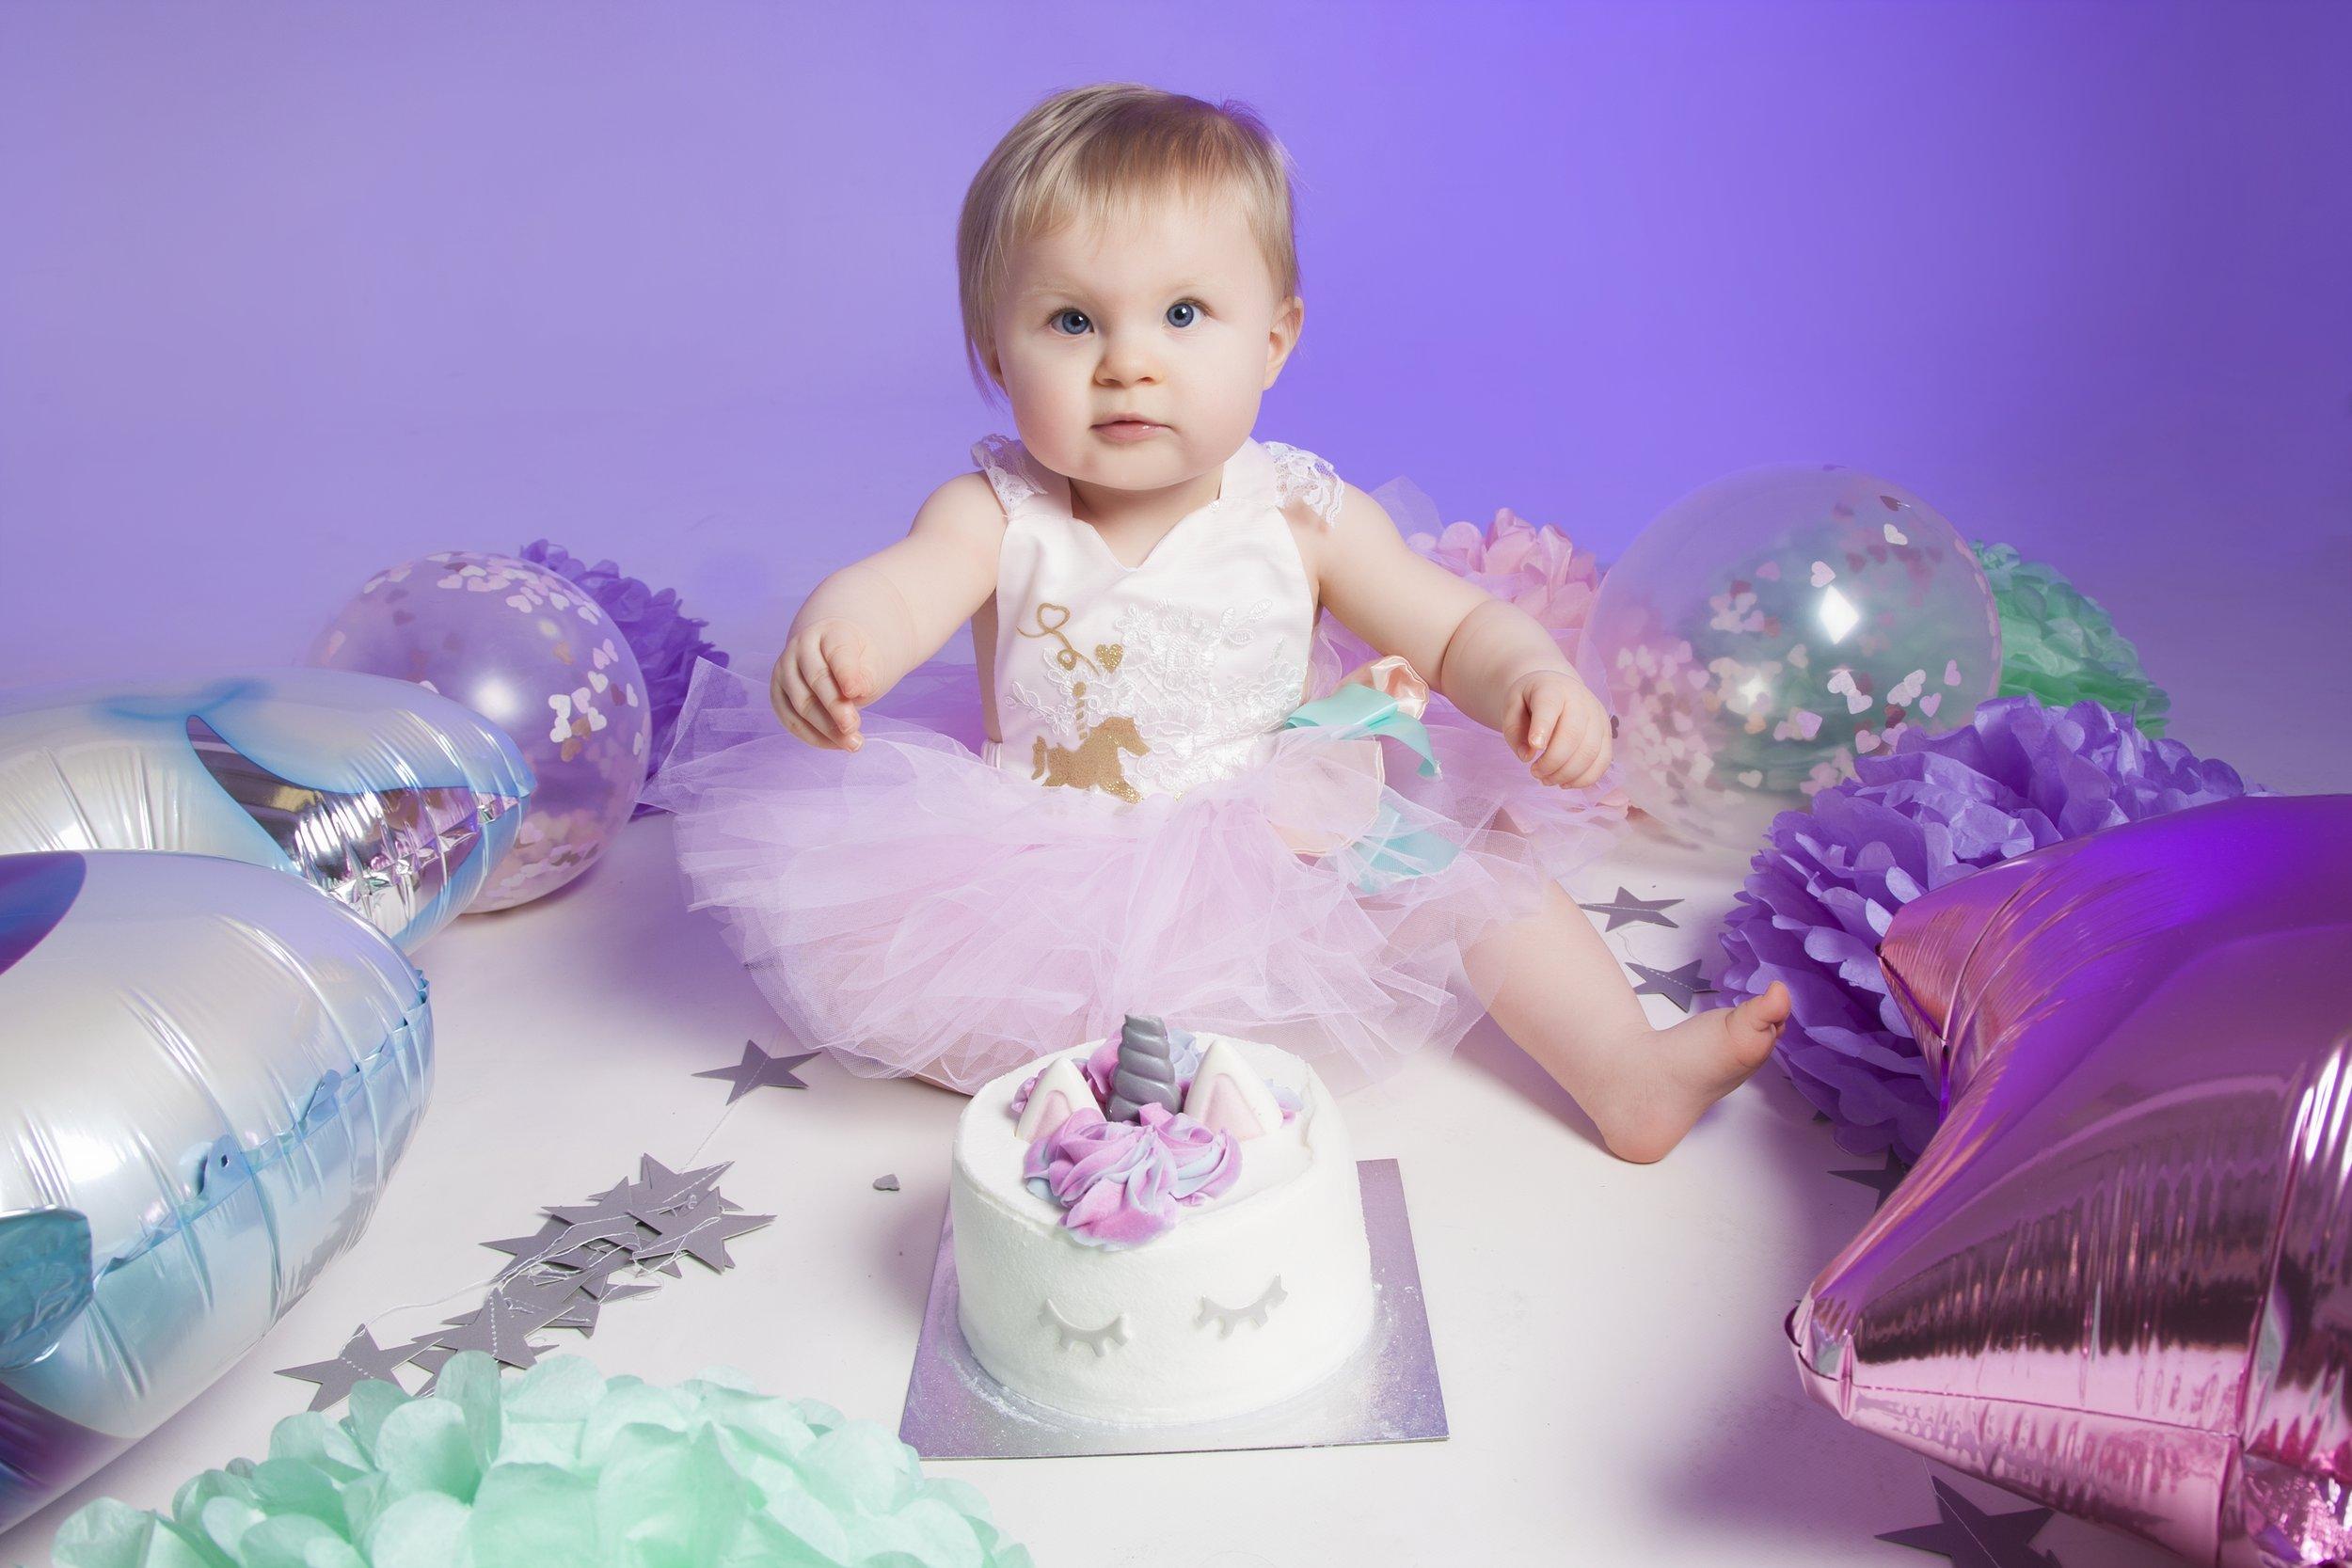 unicorn cake smash photoshoot at ZigZag Photography Leicester